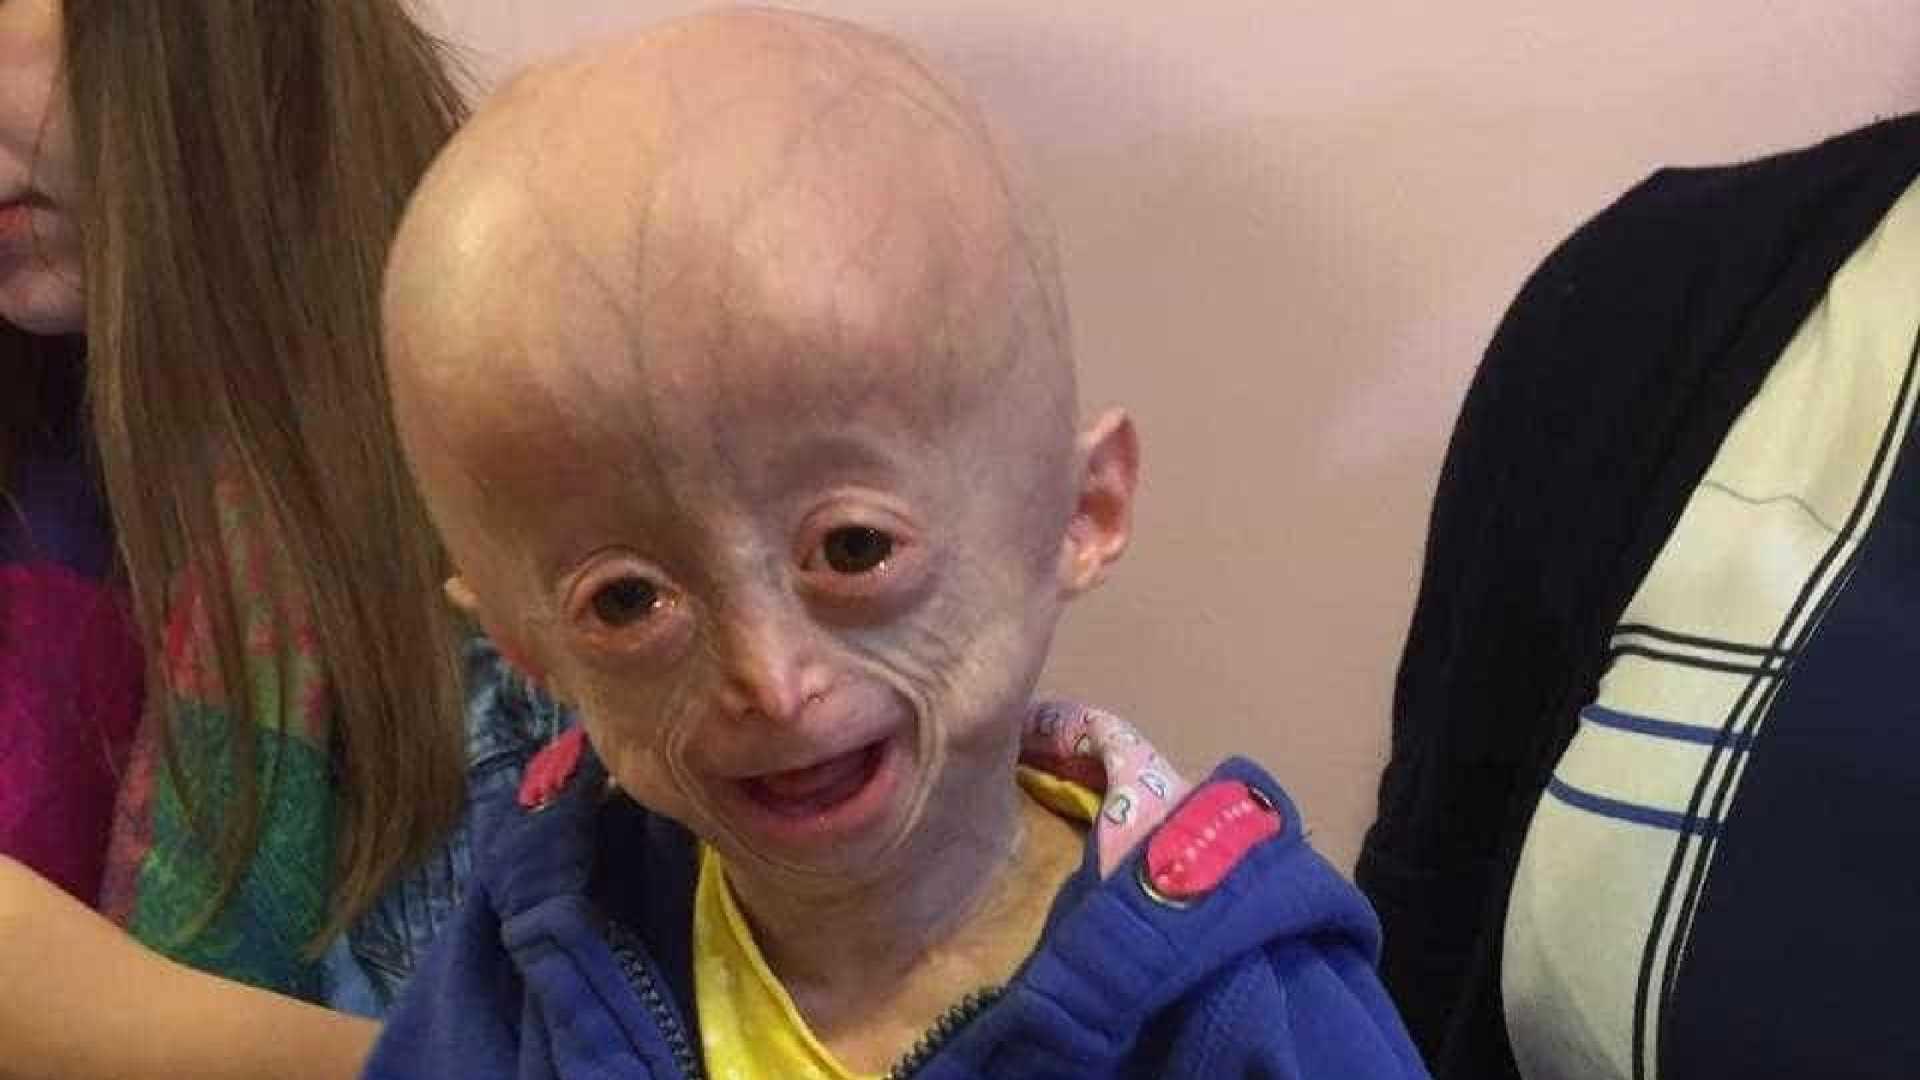 Morre Lucy Parke, menina com doença rara que a envelhecia 8 vezes mais rápido / Divulgação